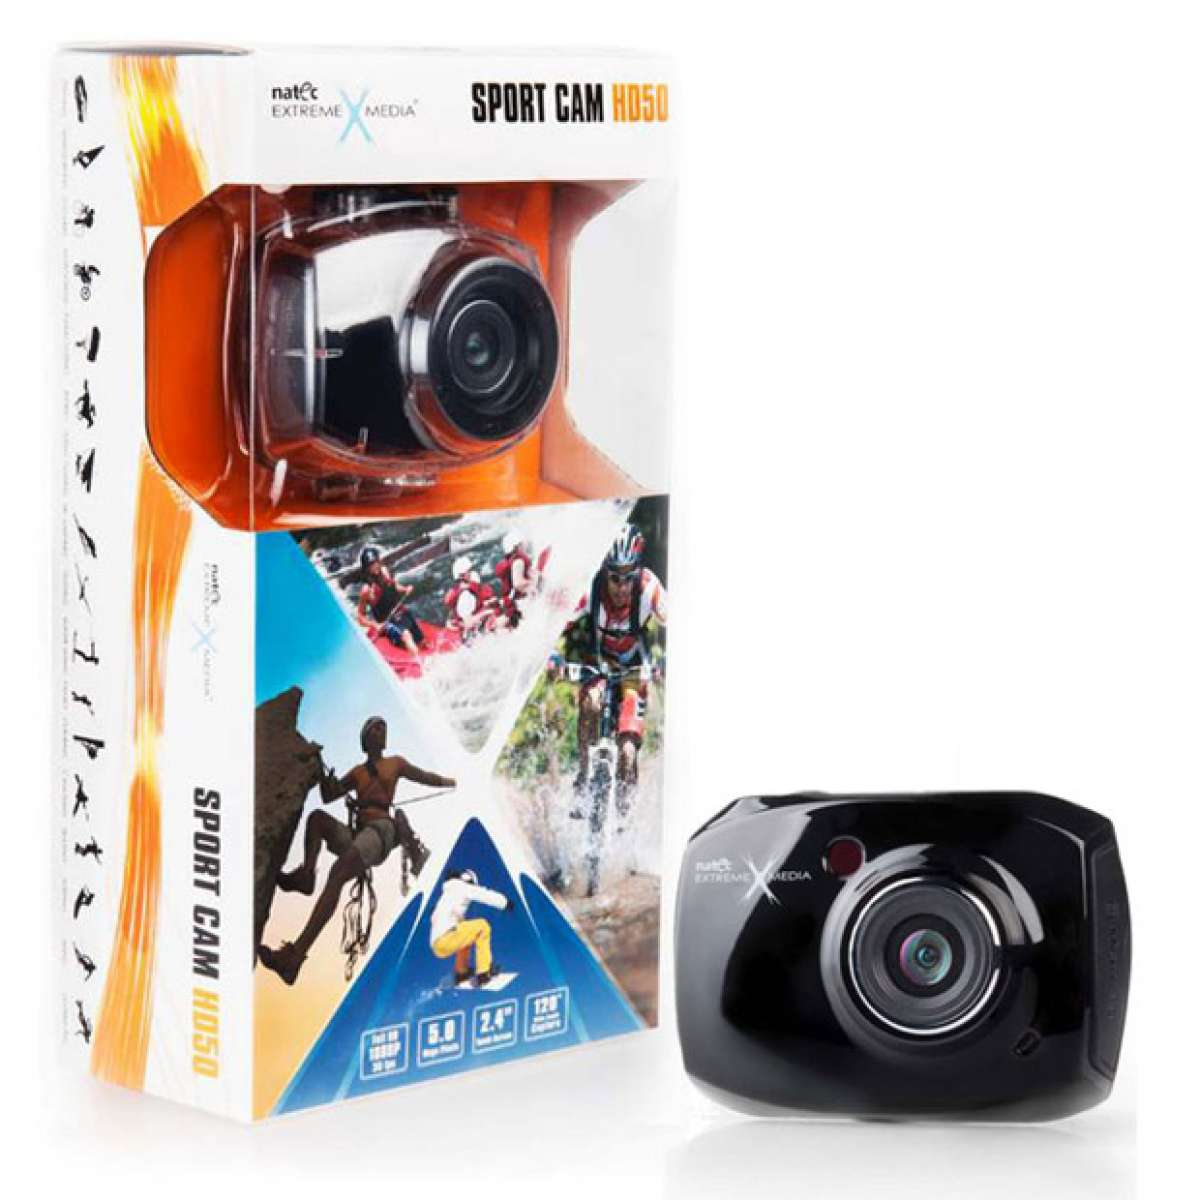 Natec Sport Cam HD50: Una cámara deportiva de altas prestaciones y bajo precio